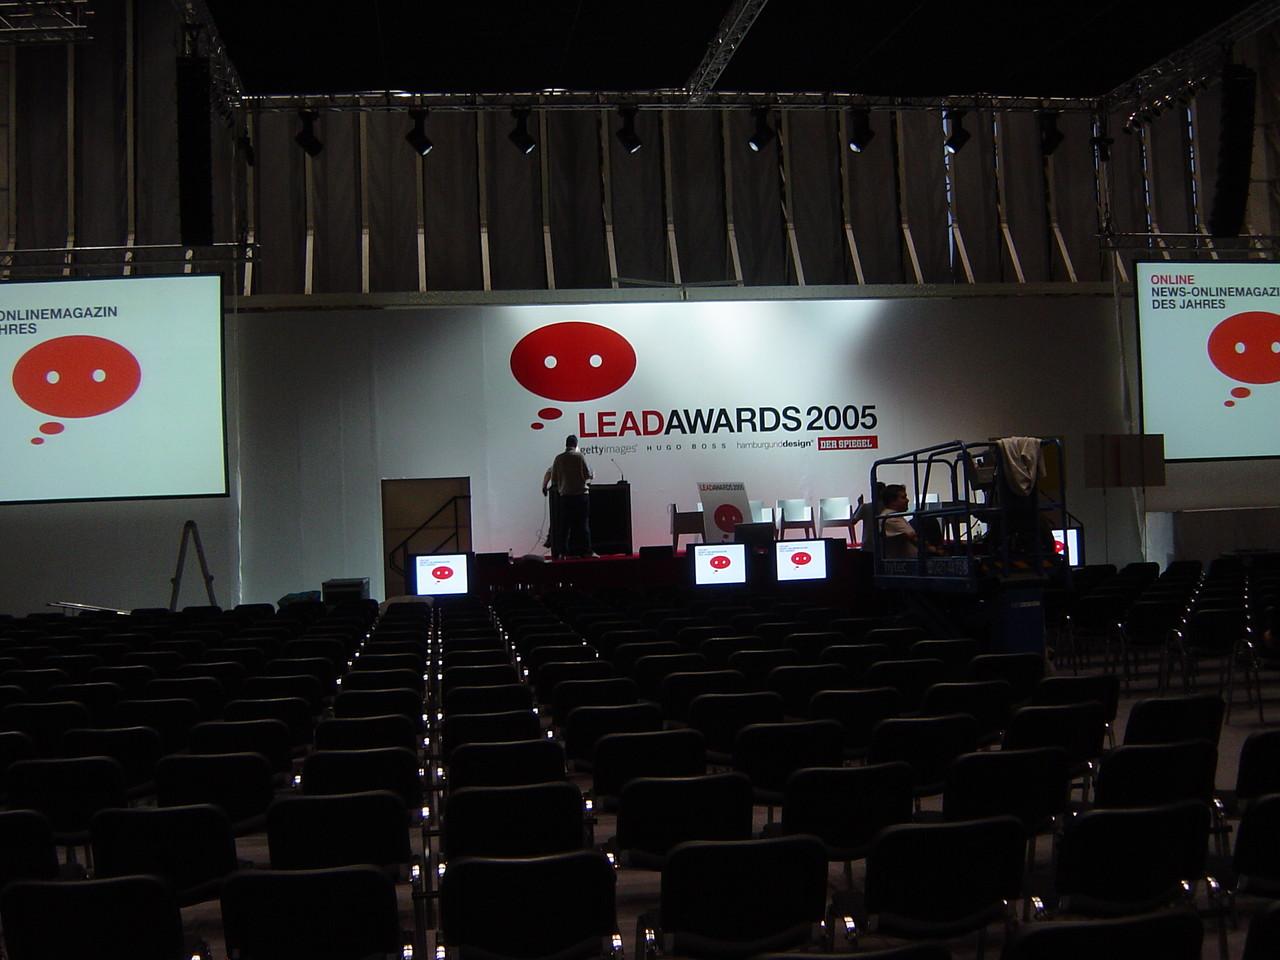 Bühnen- und Veranstaltungsbeschriftung